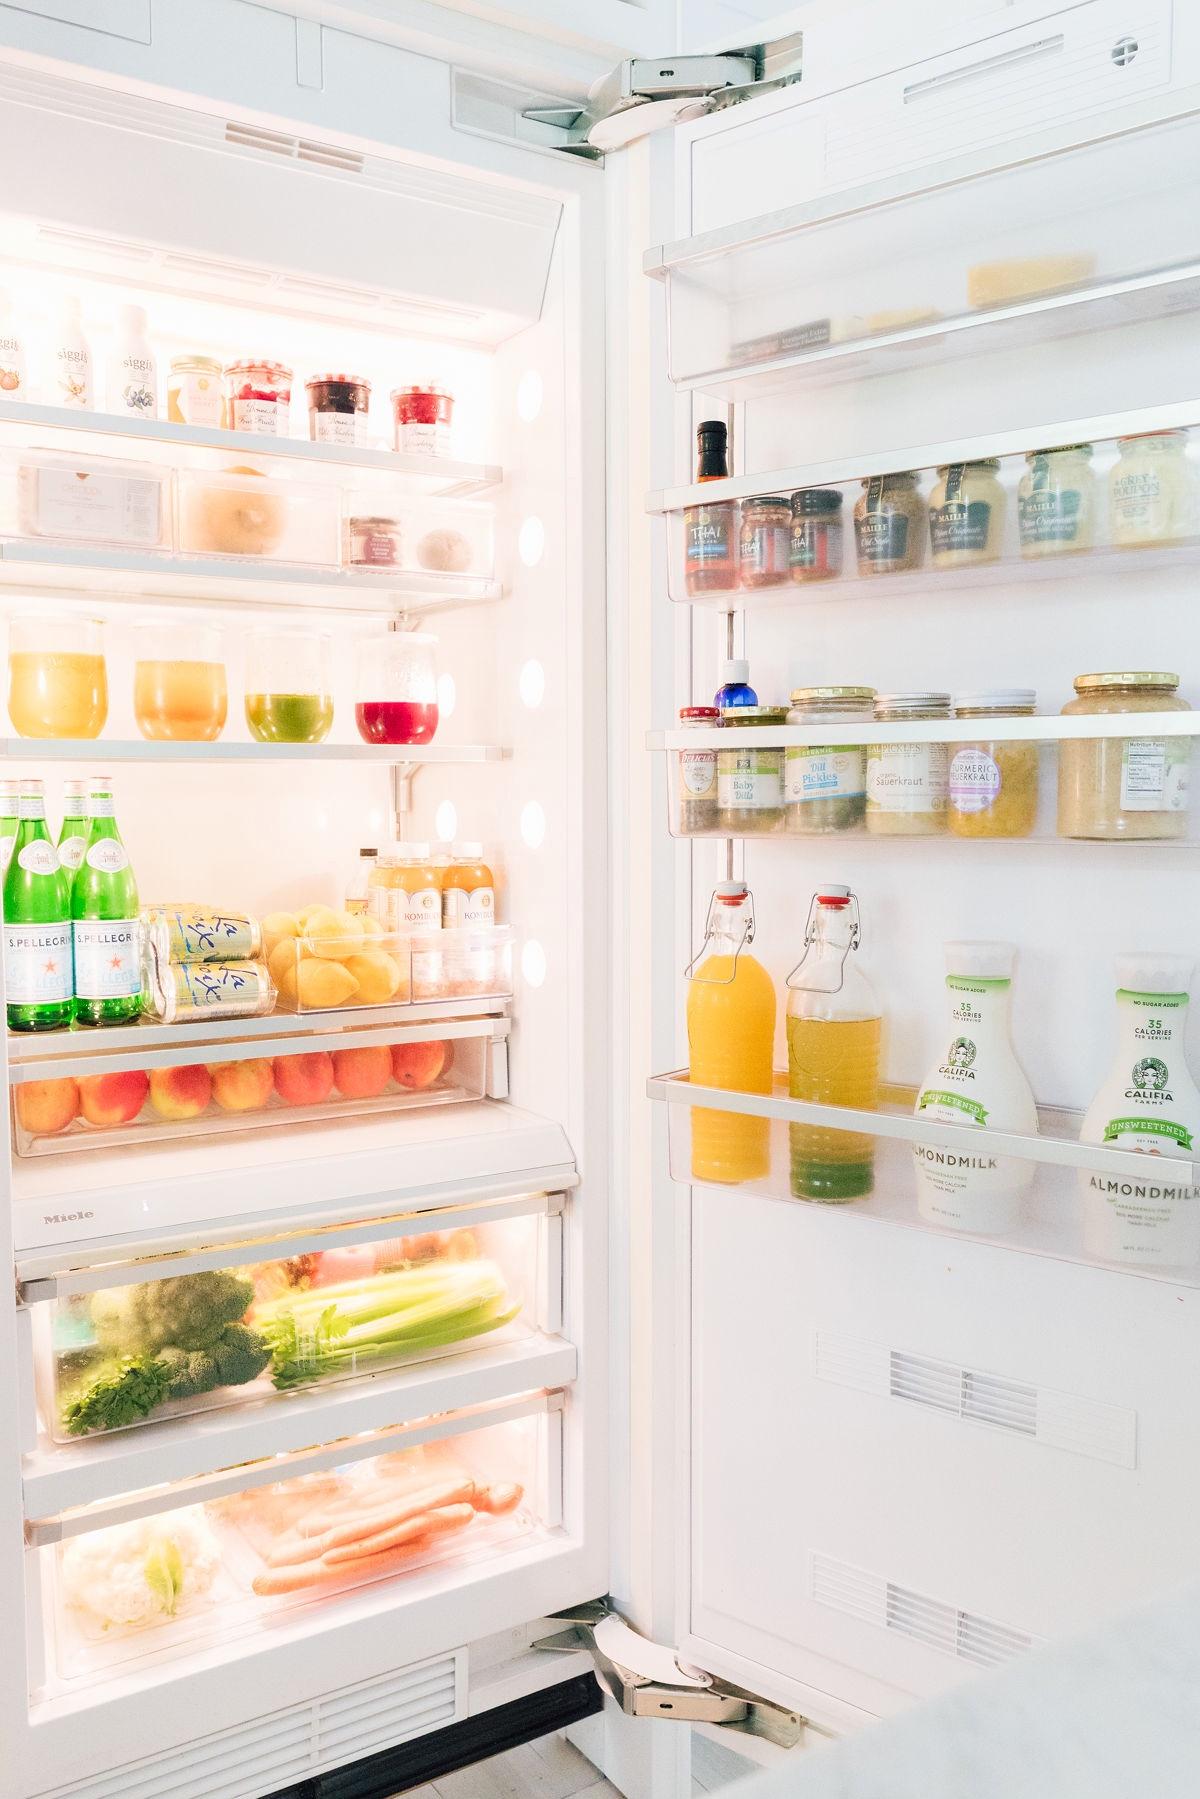 home organizer greenwich new york connecticut kitchen cupboard fridge declutter organize organizing